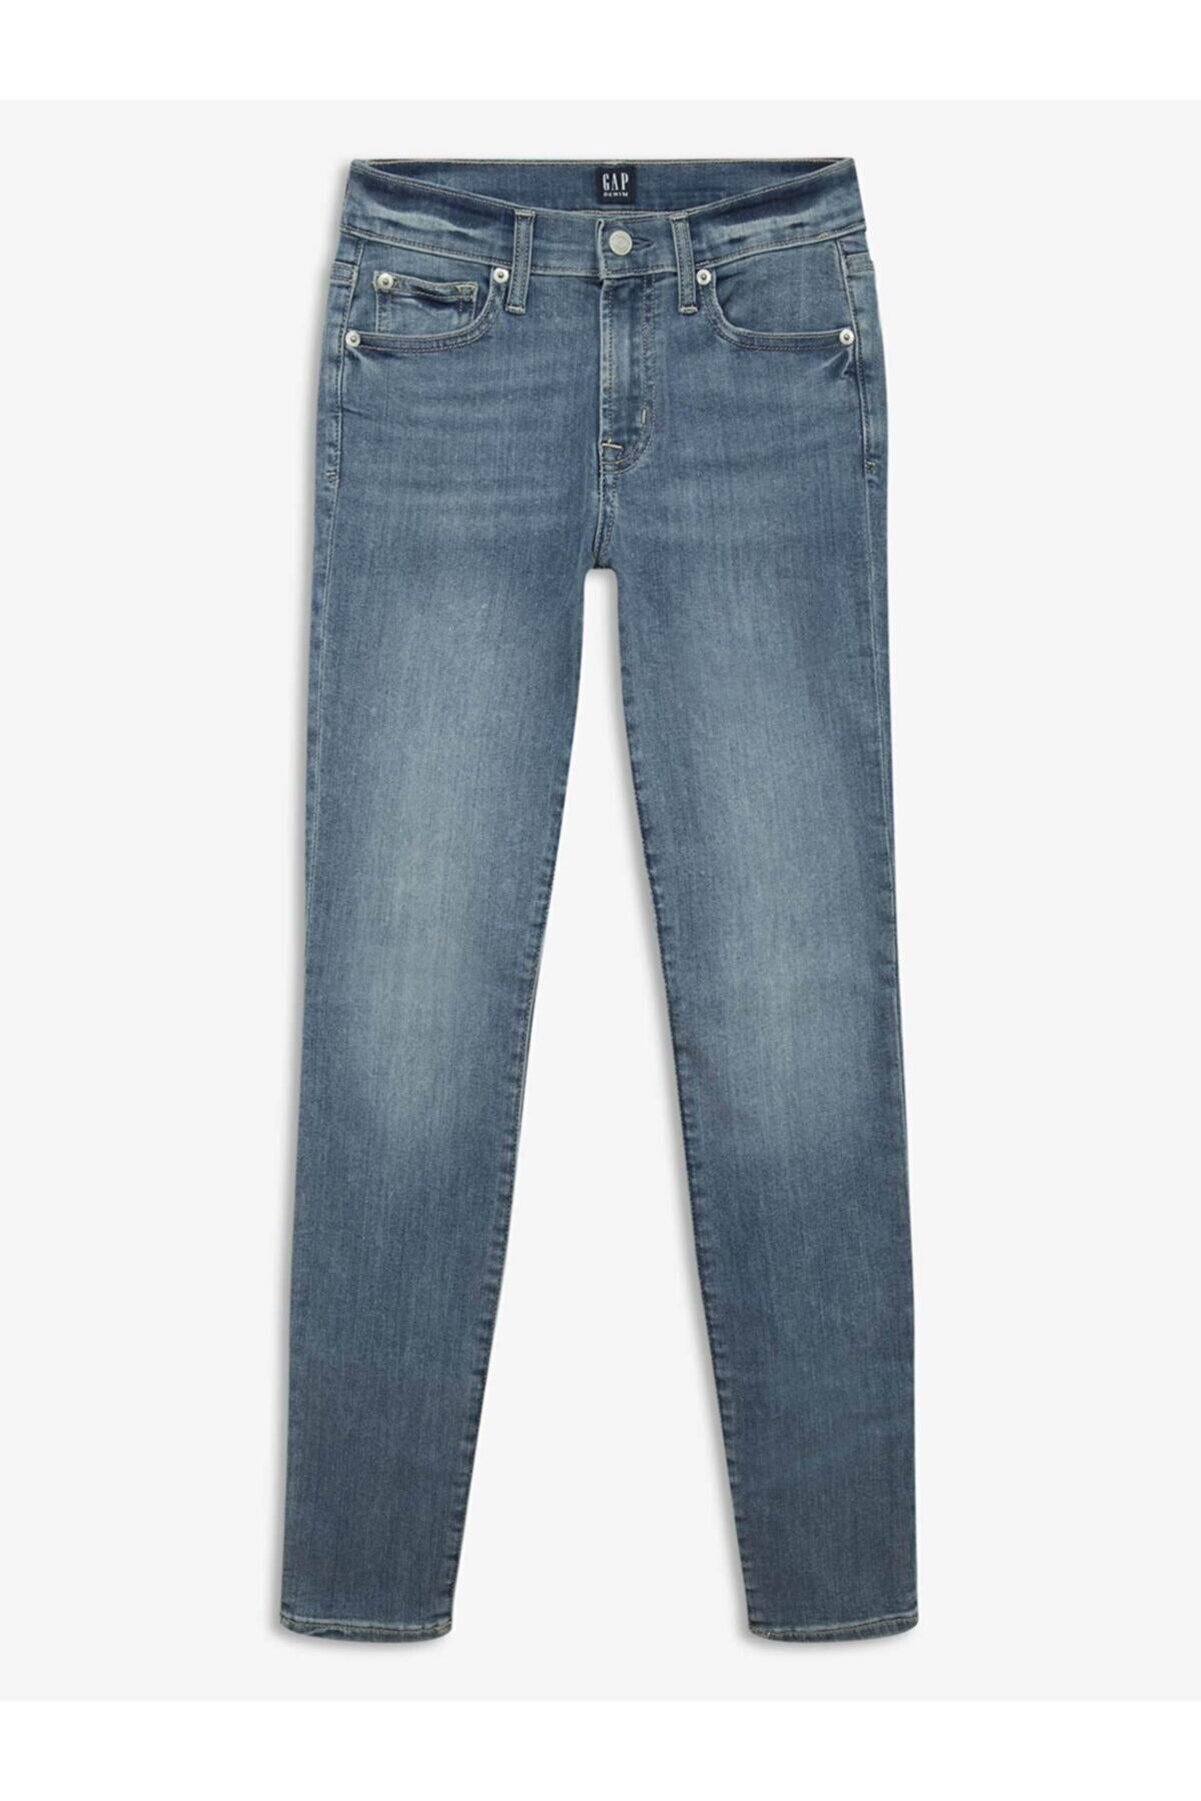 GAP True Skinny Ankle Jean Pantolon